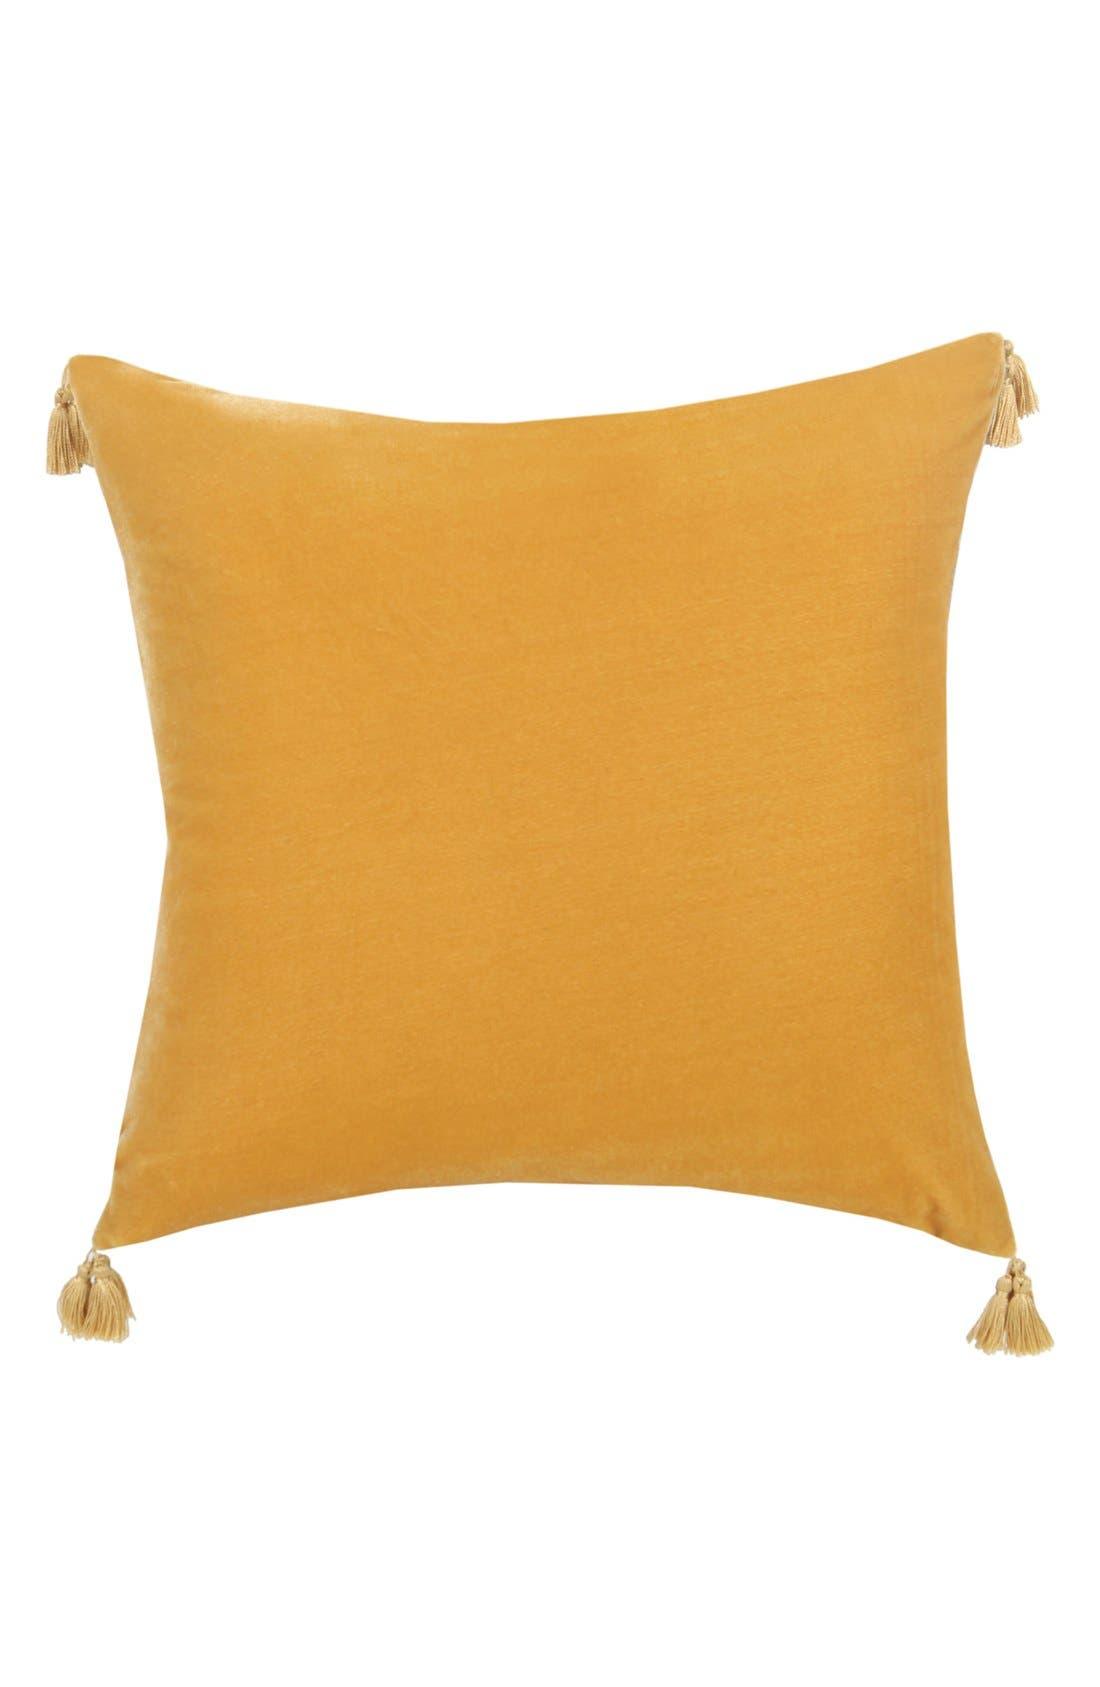 Alternate Image 1 Selected - Blissliving Home 'Addison' Velvet & Linen Pillow (Online Only)